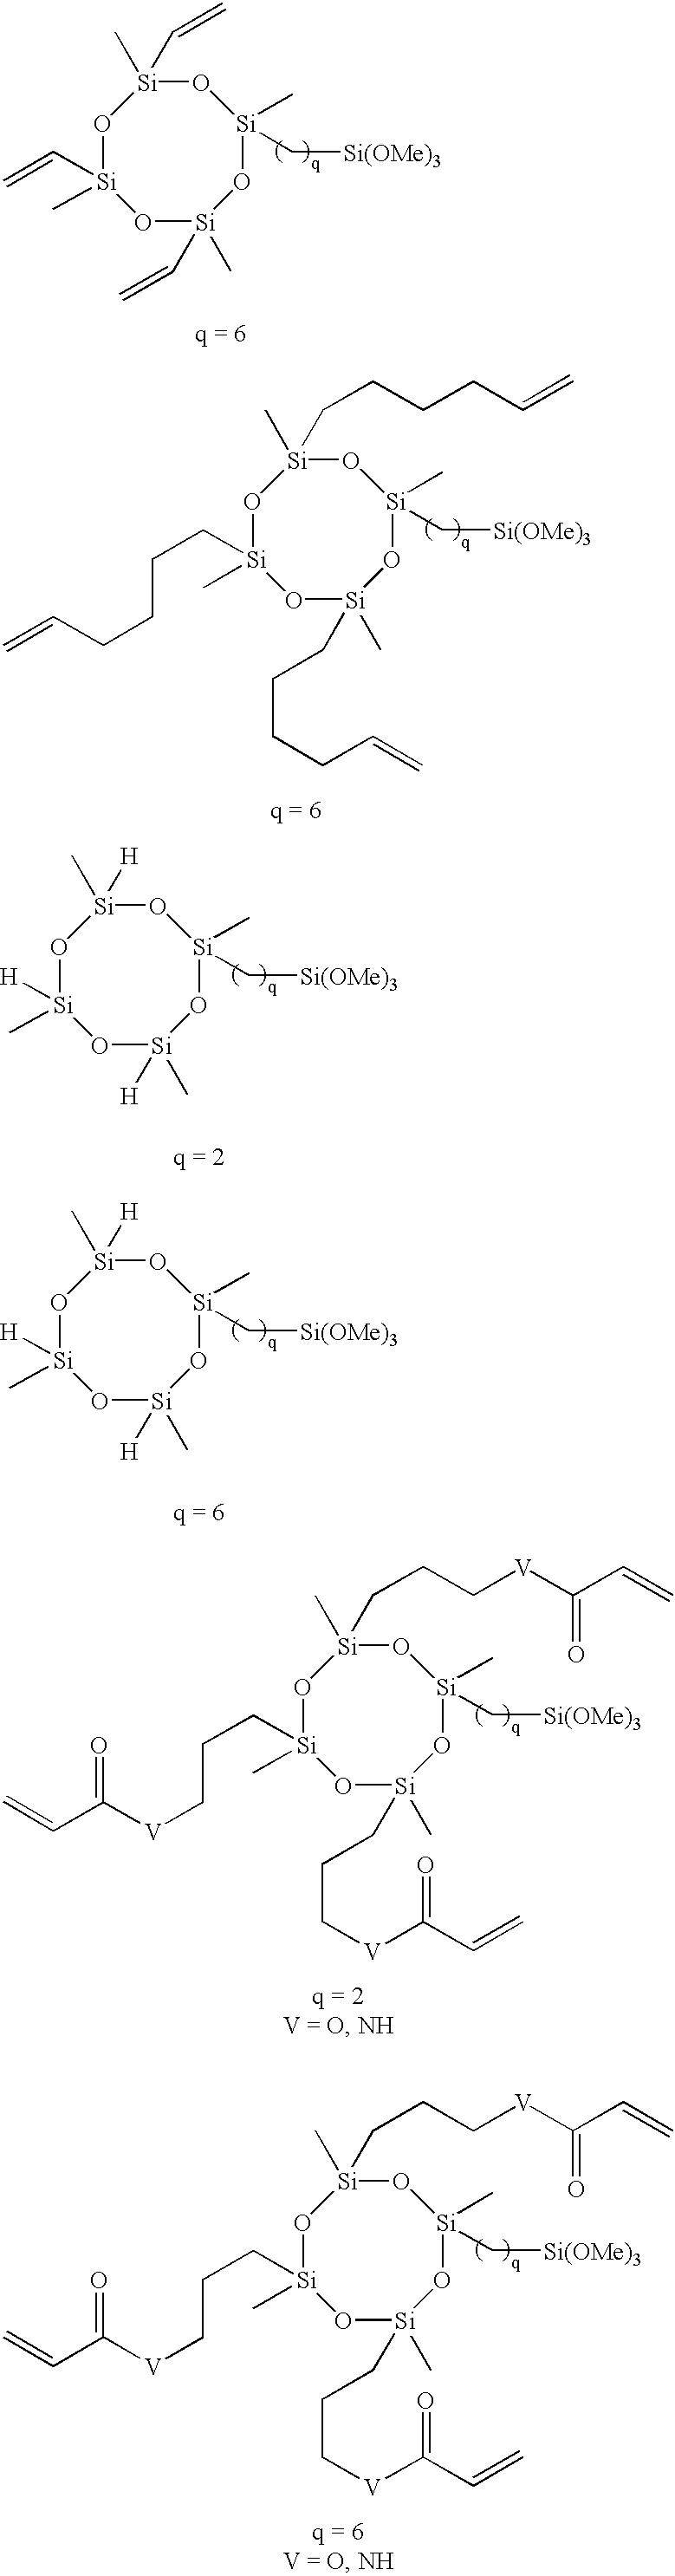 Figure US06624236-20030923-C00006